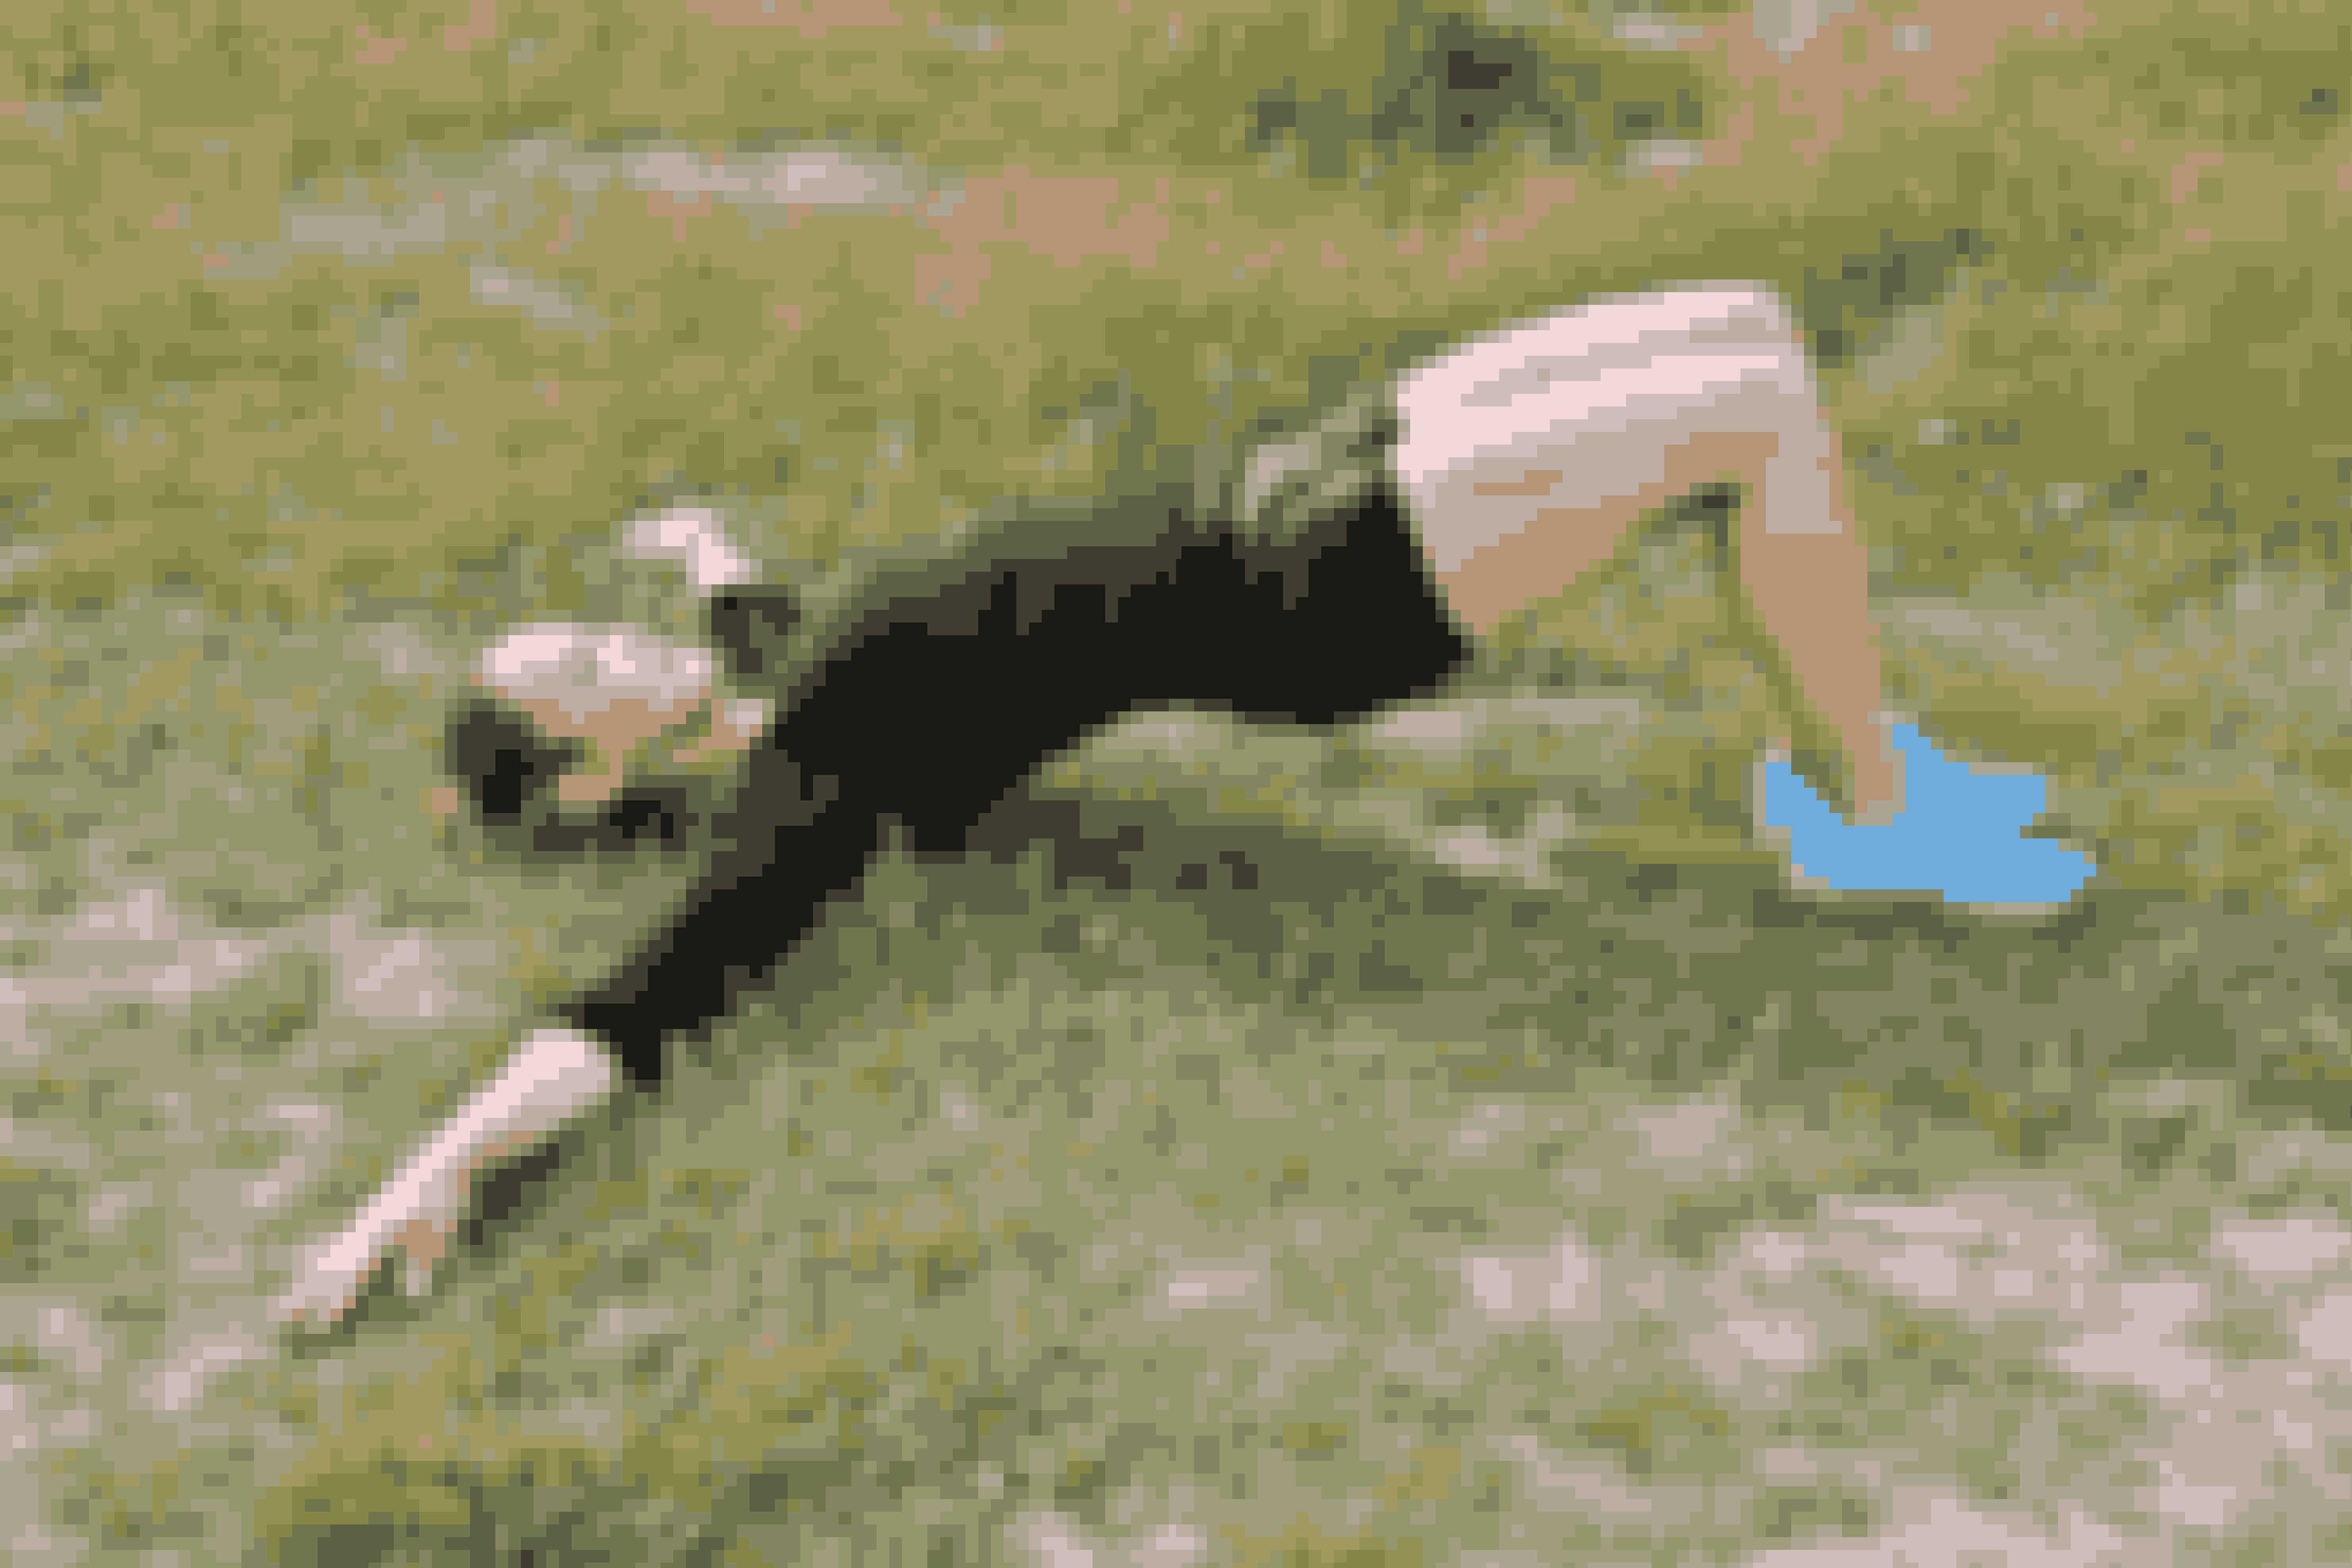 Lig på ryggen med bøjede knæ og fødderne fladt på gulvet. Hvil dine arme på gulvet med håndfladerne op i skulderhøjde.  Løft dine hofter, så din krop danner en lige linje fra dine skuldre til dine knæ.  (Fortsæt ved næste billede)